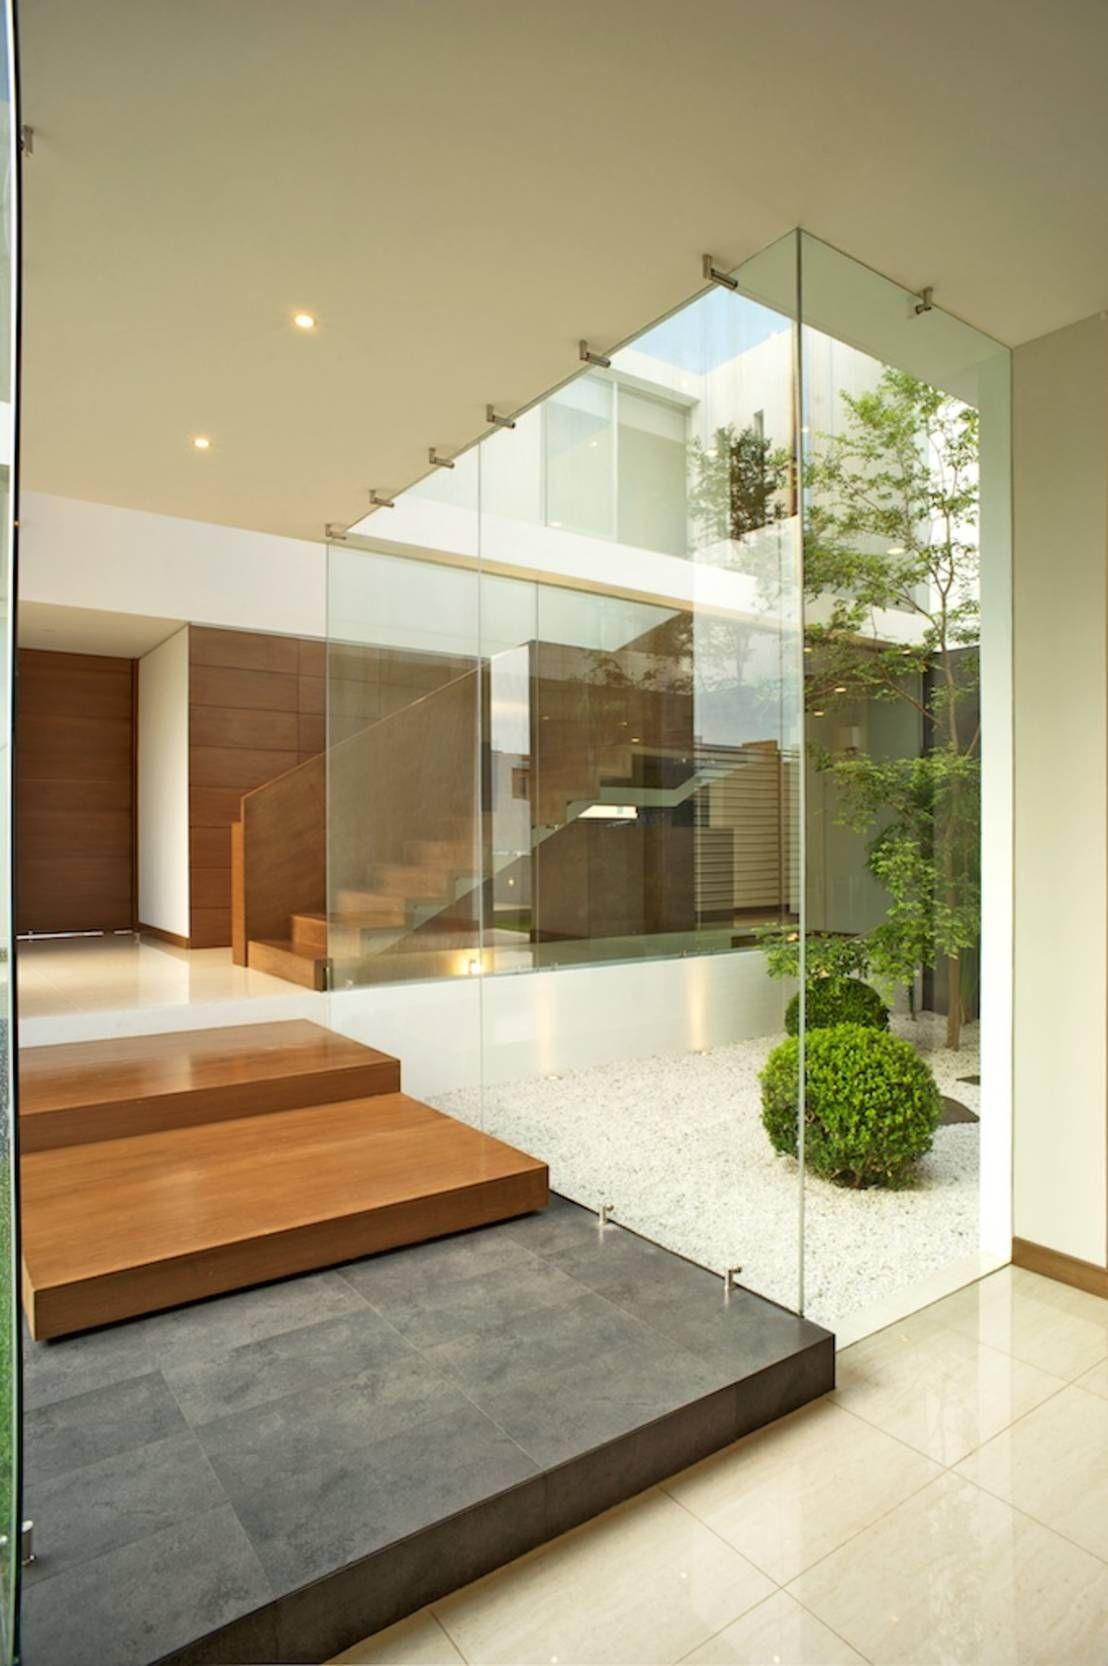 Ein erstaunlich modernes Haus | Architecture, Bungalow and Staircases